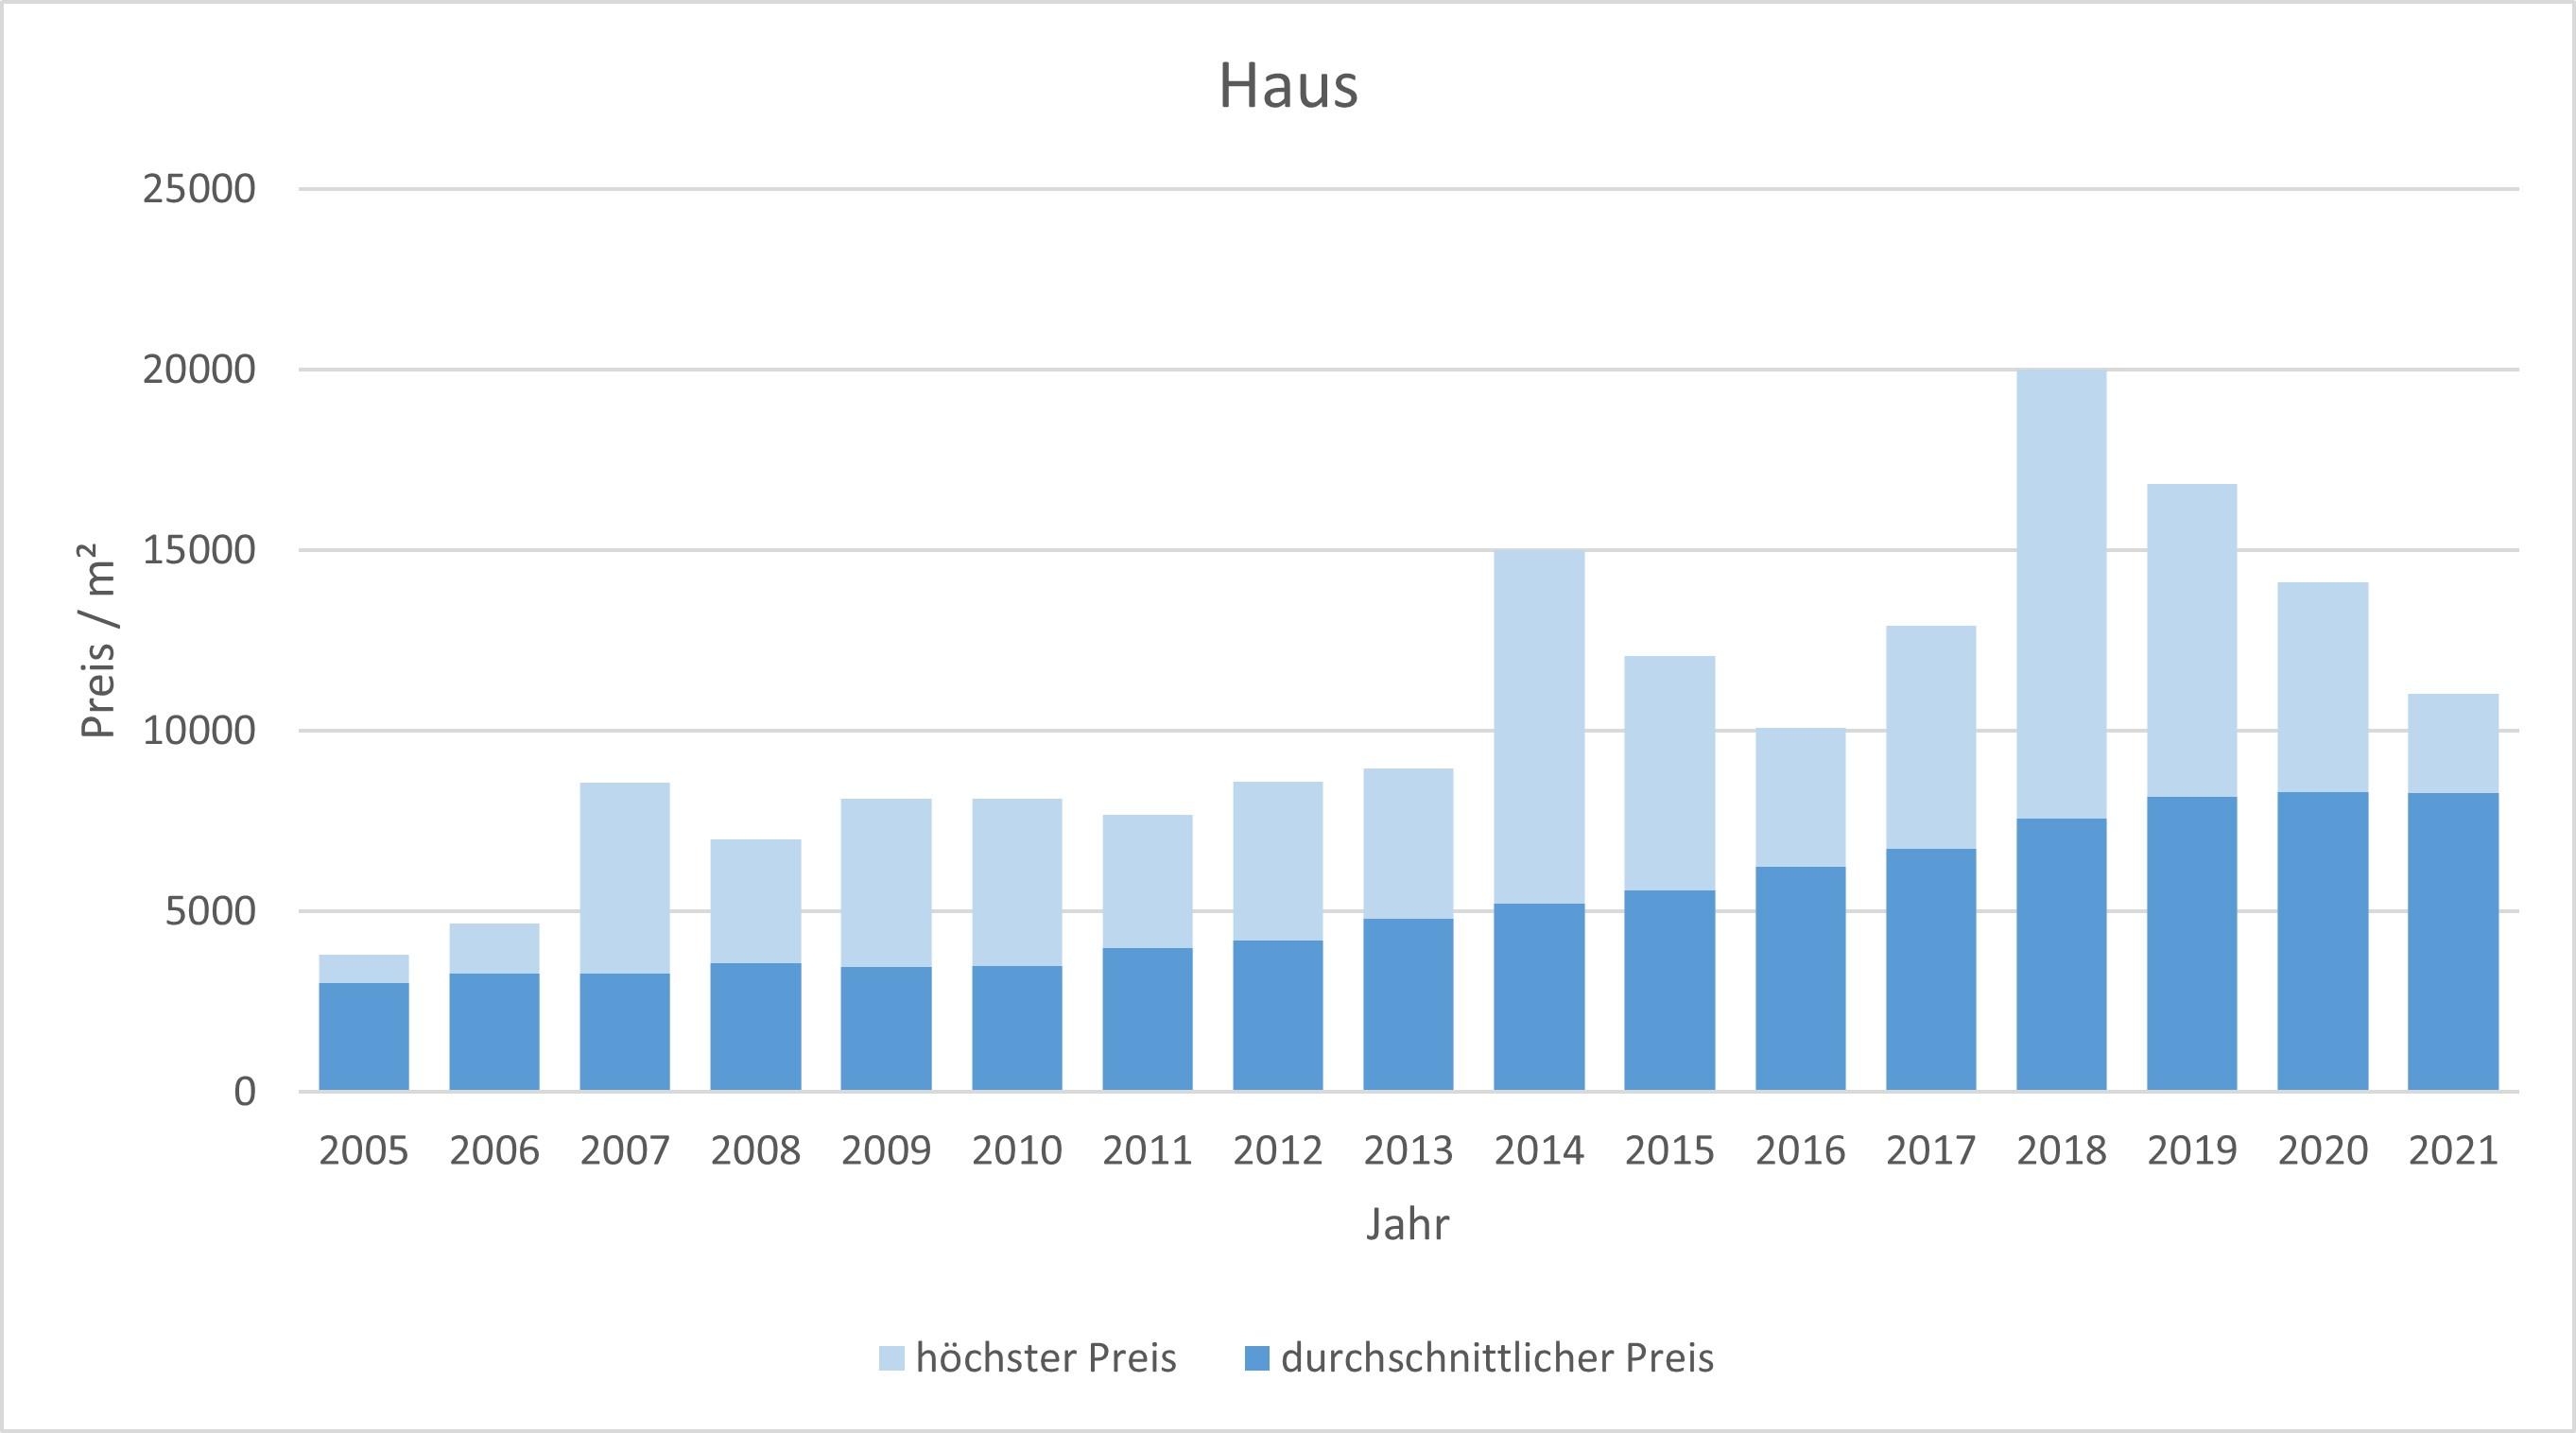 München - Ramersdorf Haus kaufen verkaufen Preis Bewertung Makler 2019 2020 2021 www.happy-immo.de